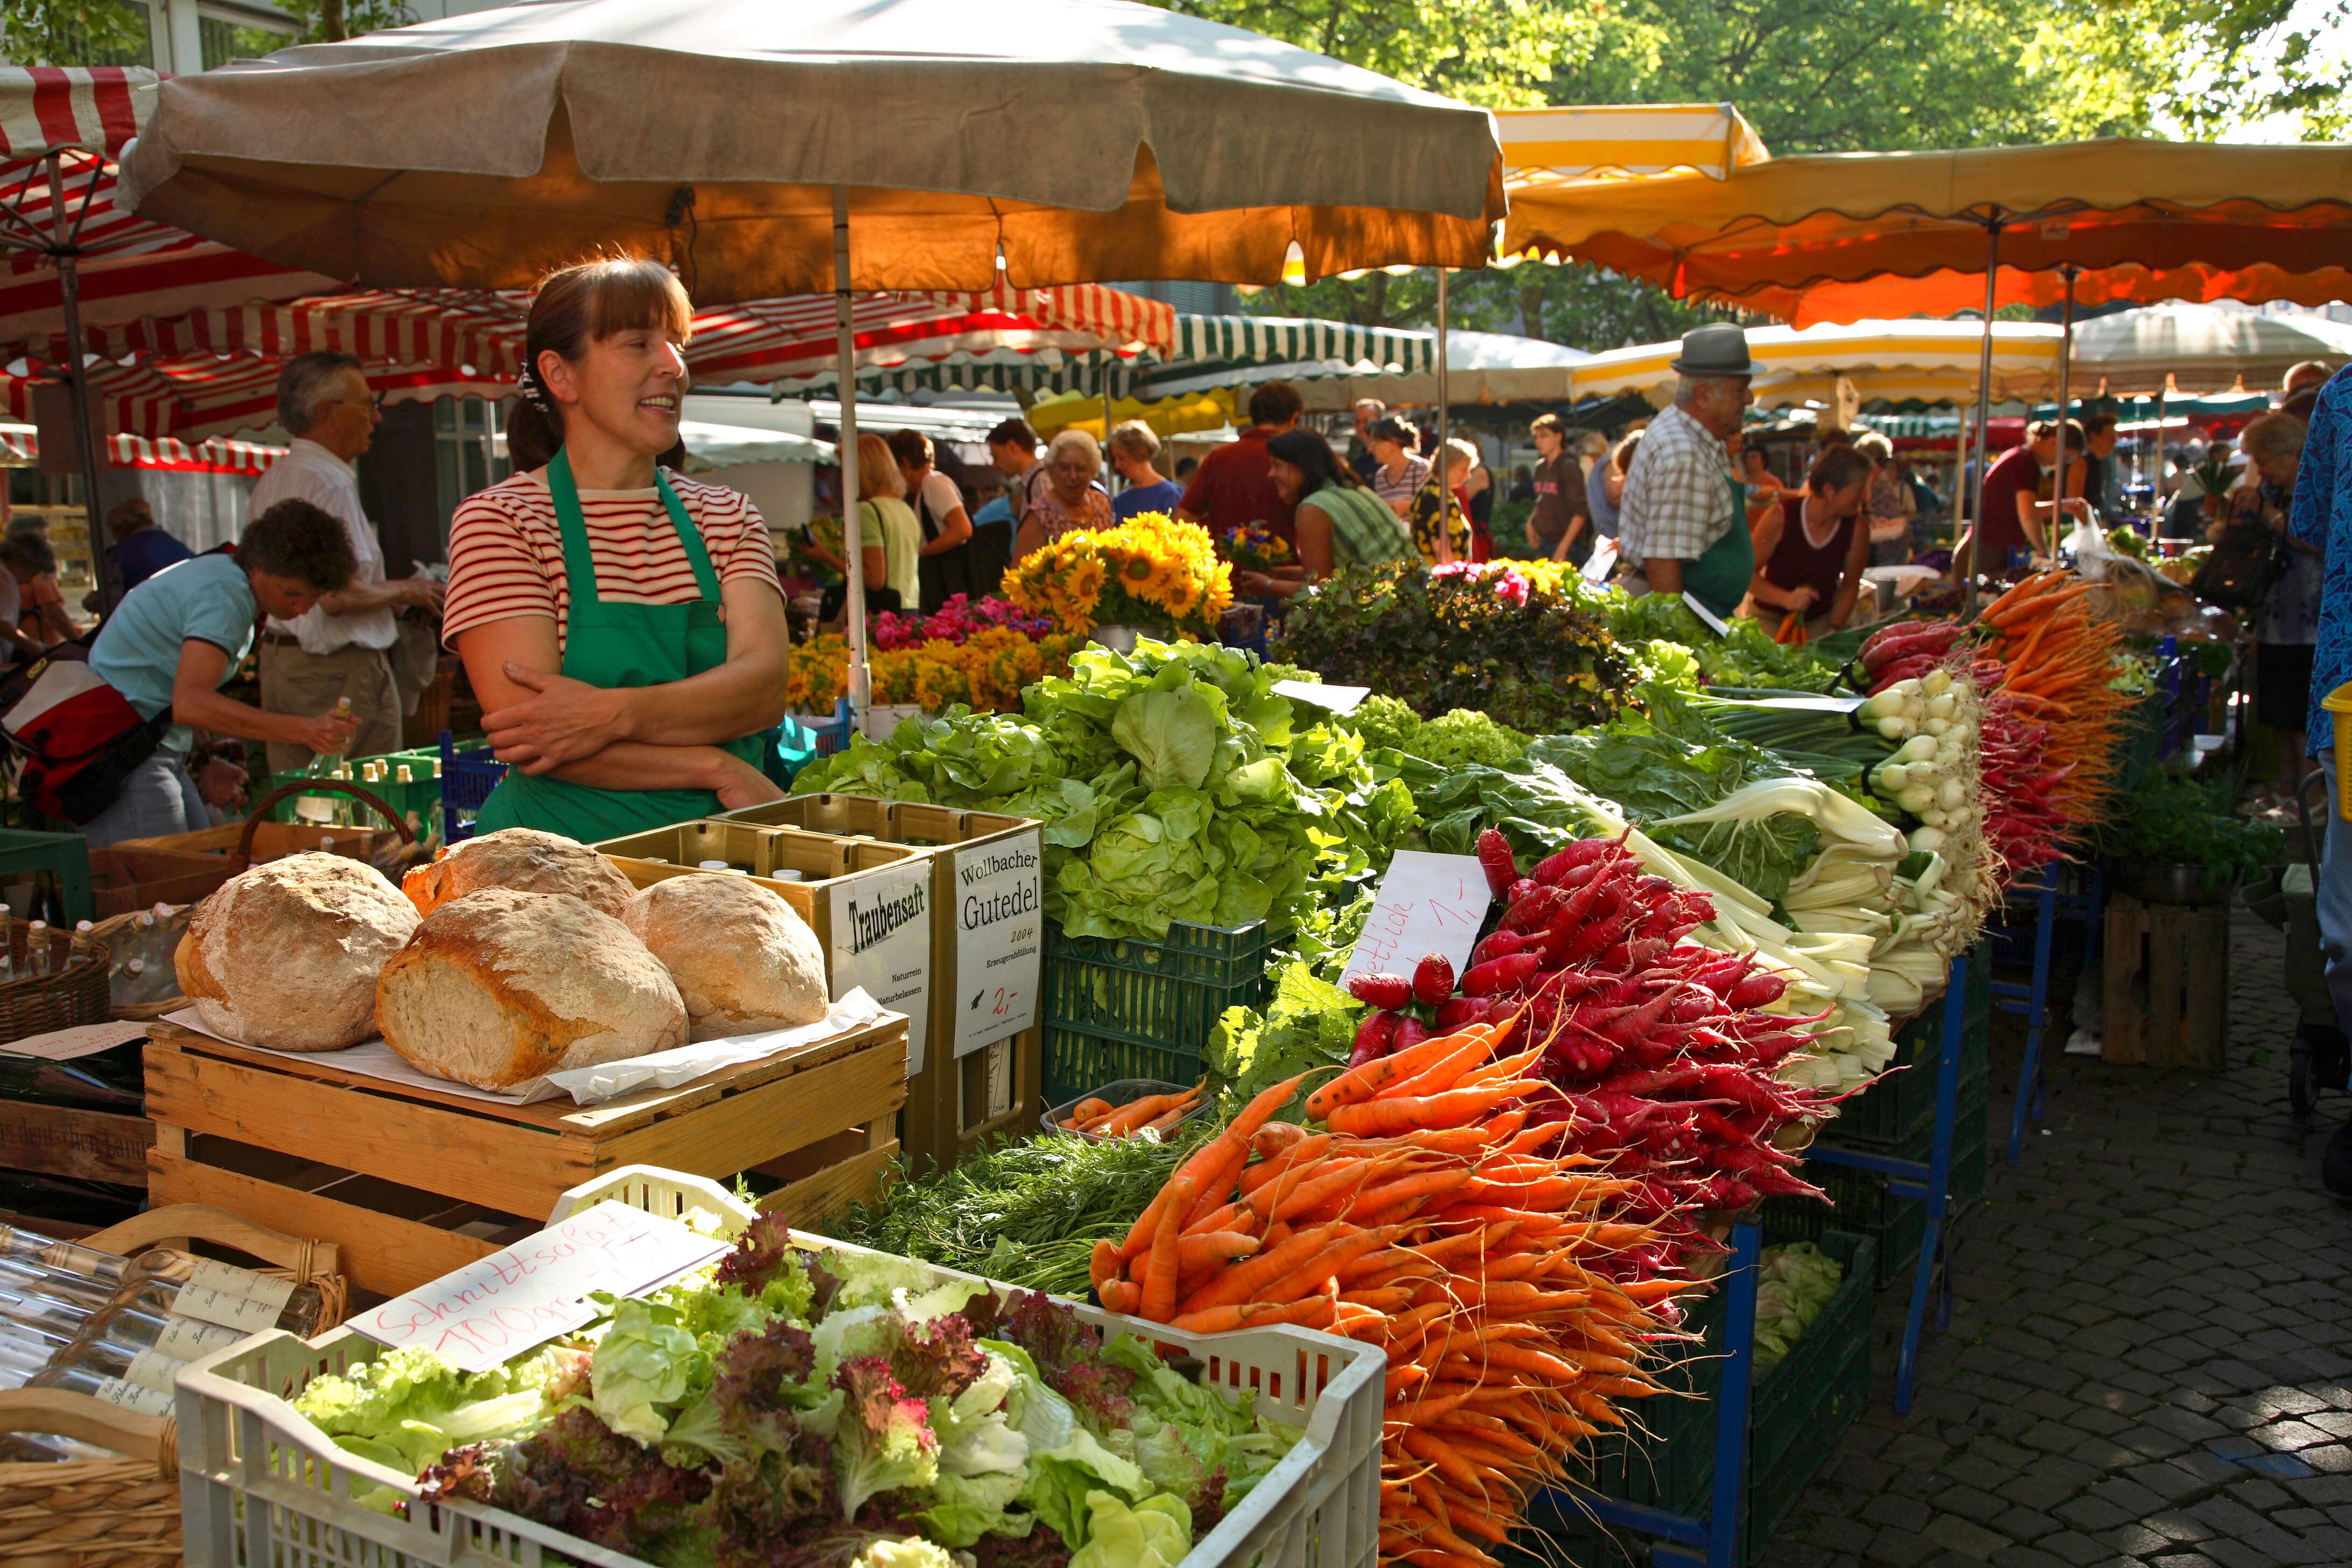 Wochenmarkt in Lörrach, Gemüse, Brot, Obst